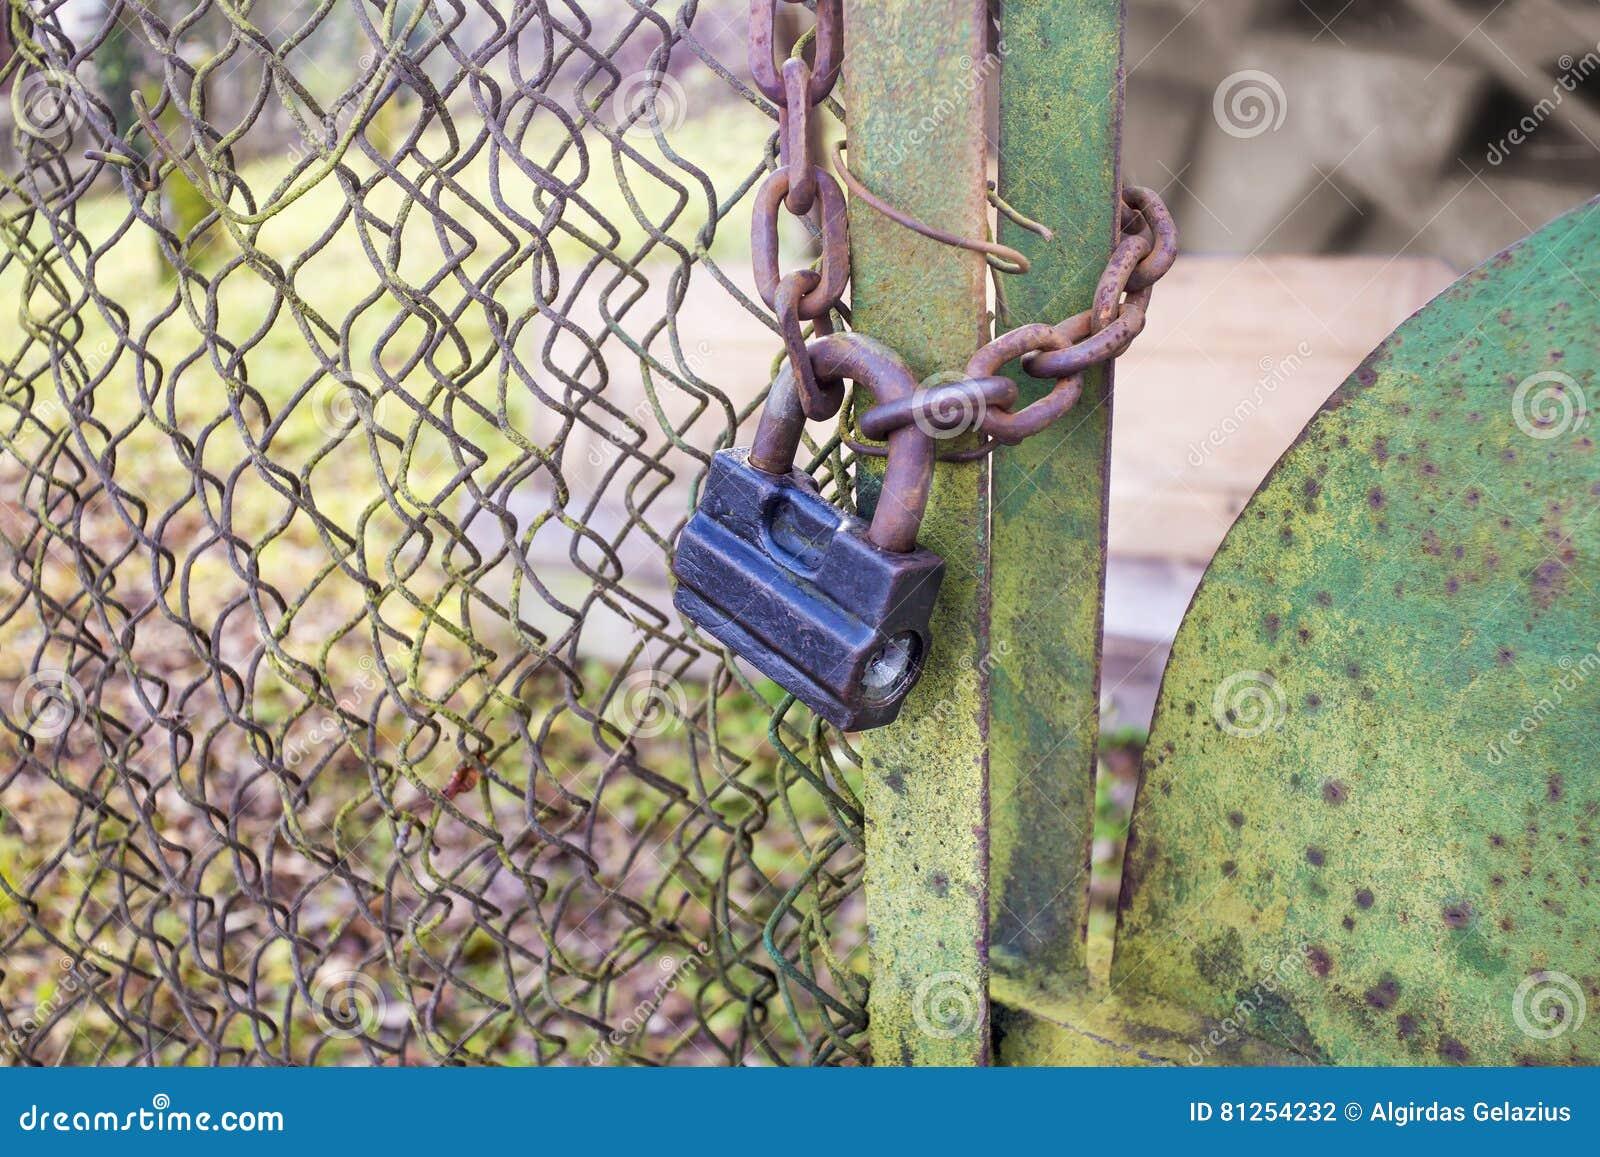 Rostig gammal hänglås och kedja på ett grönt staket